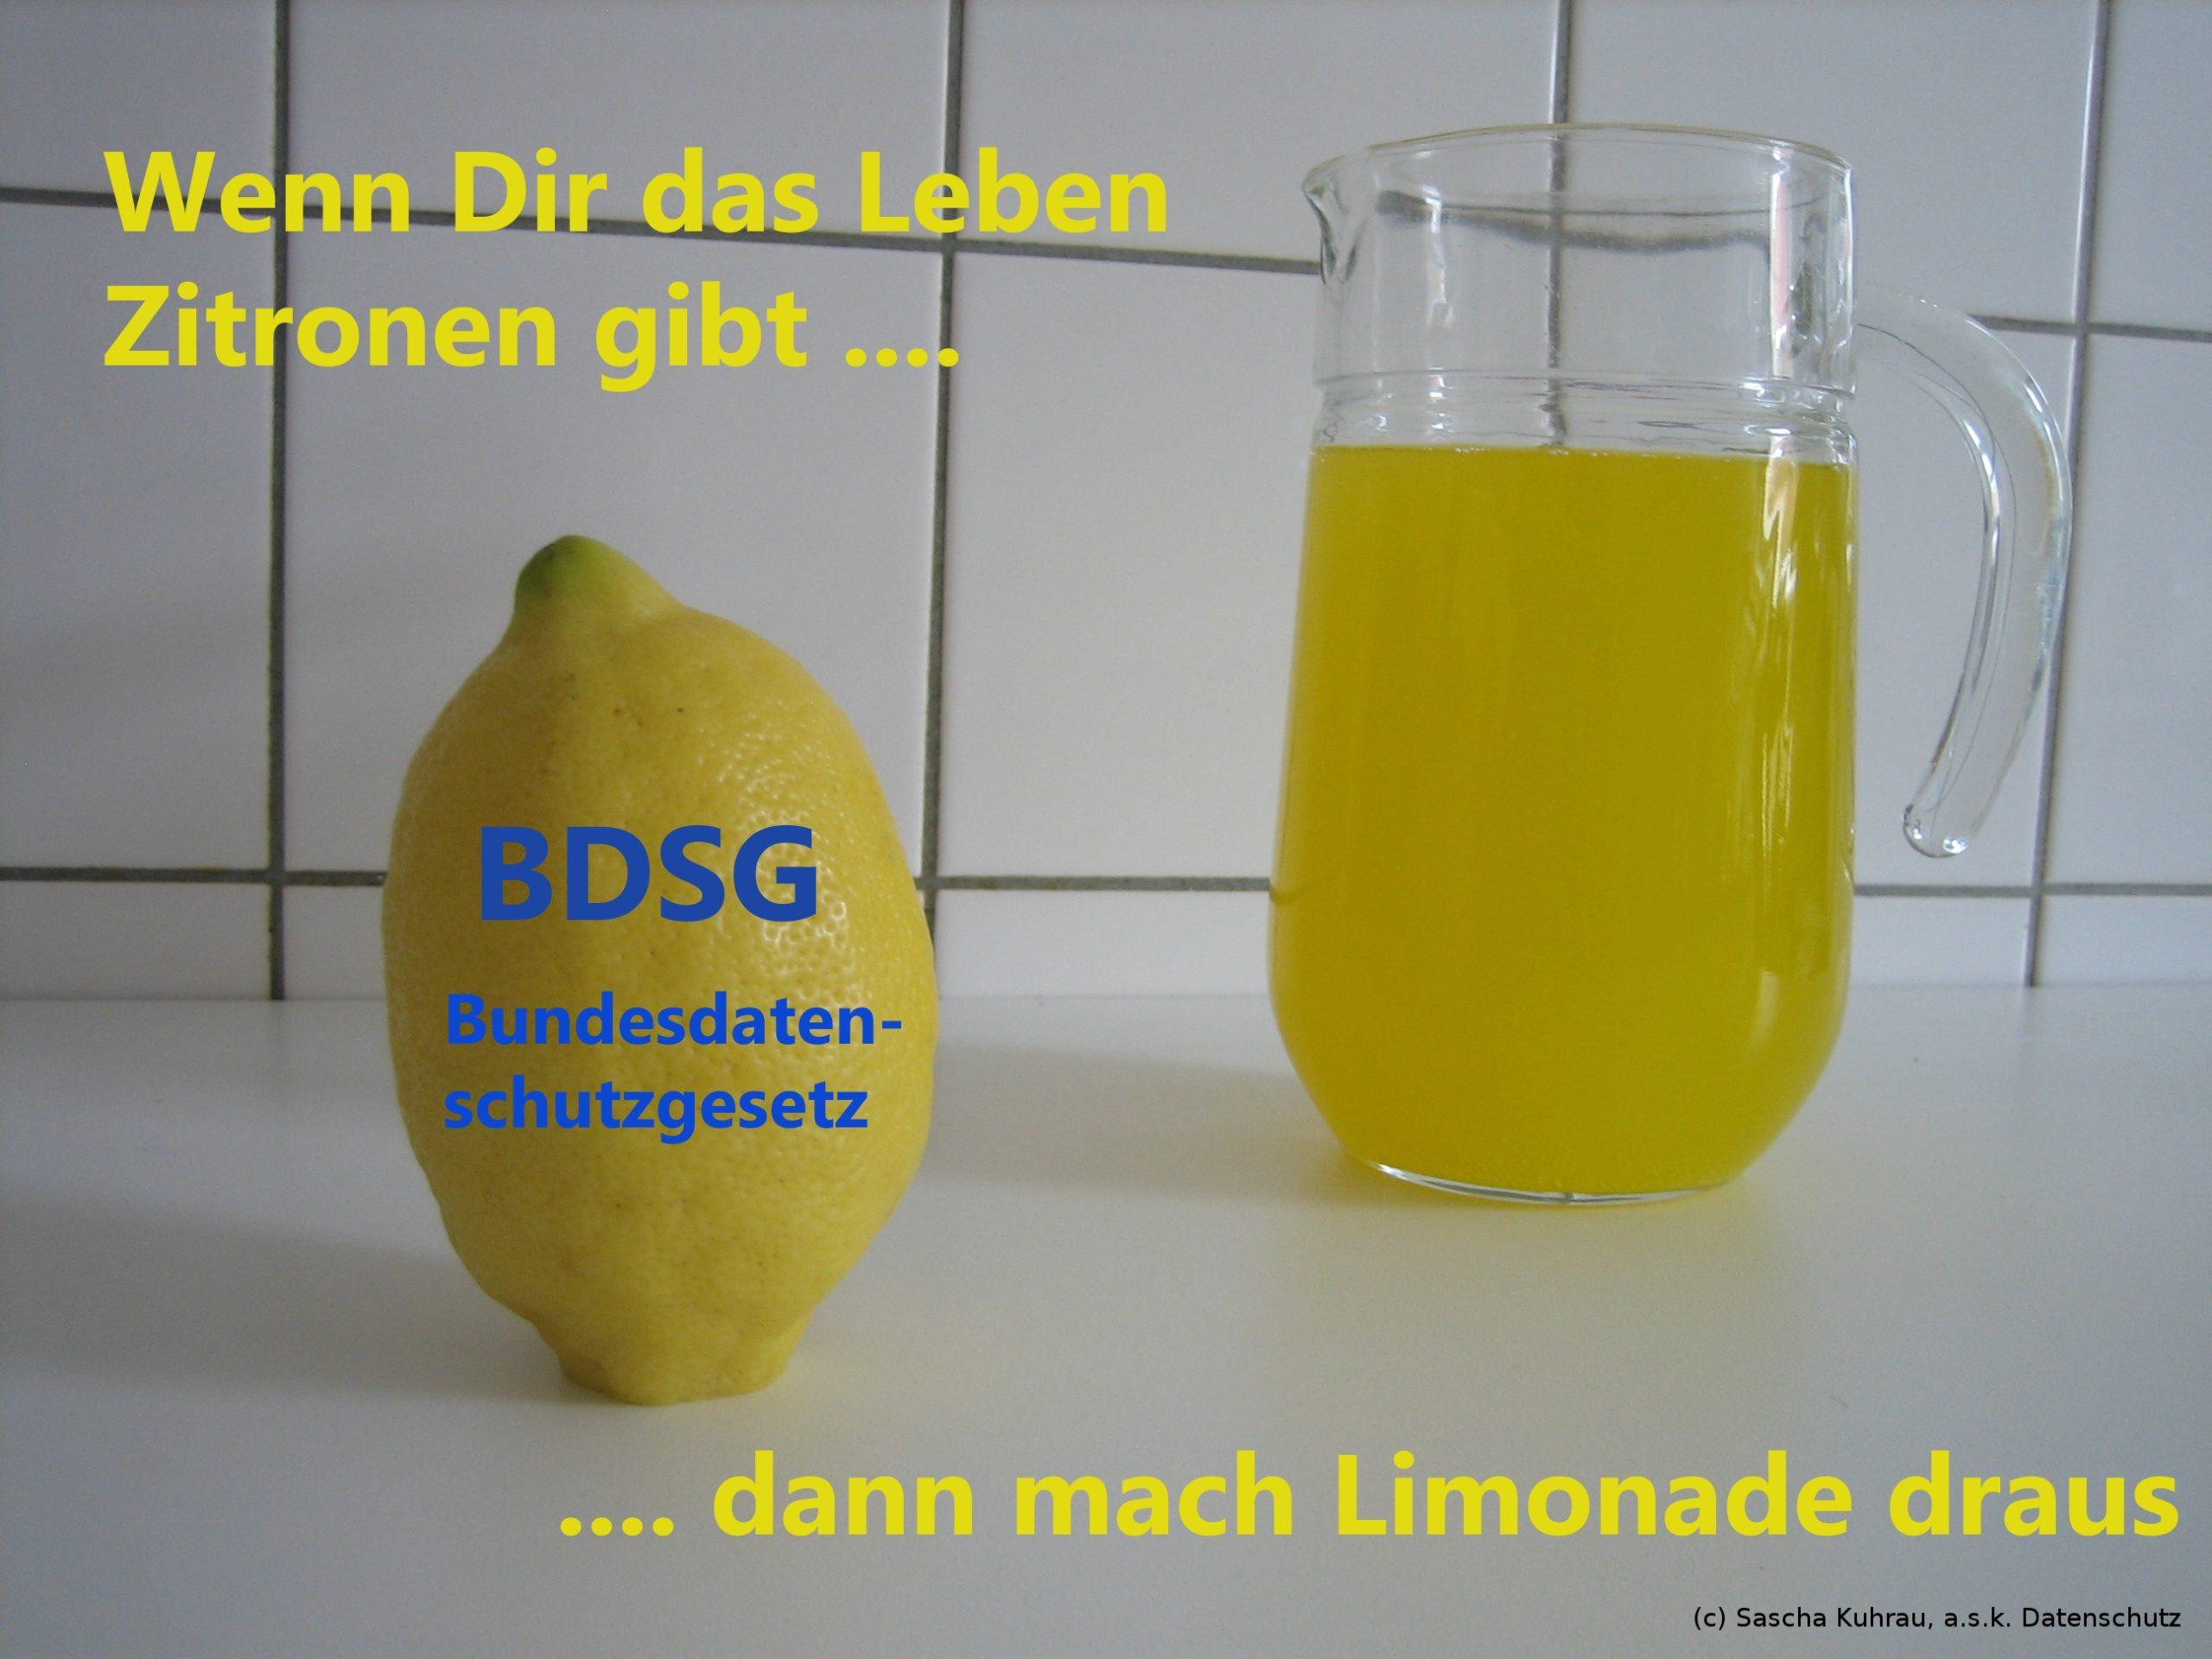 Limonade statt Zitrone